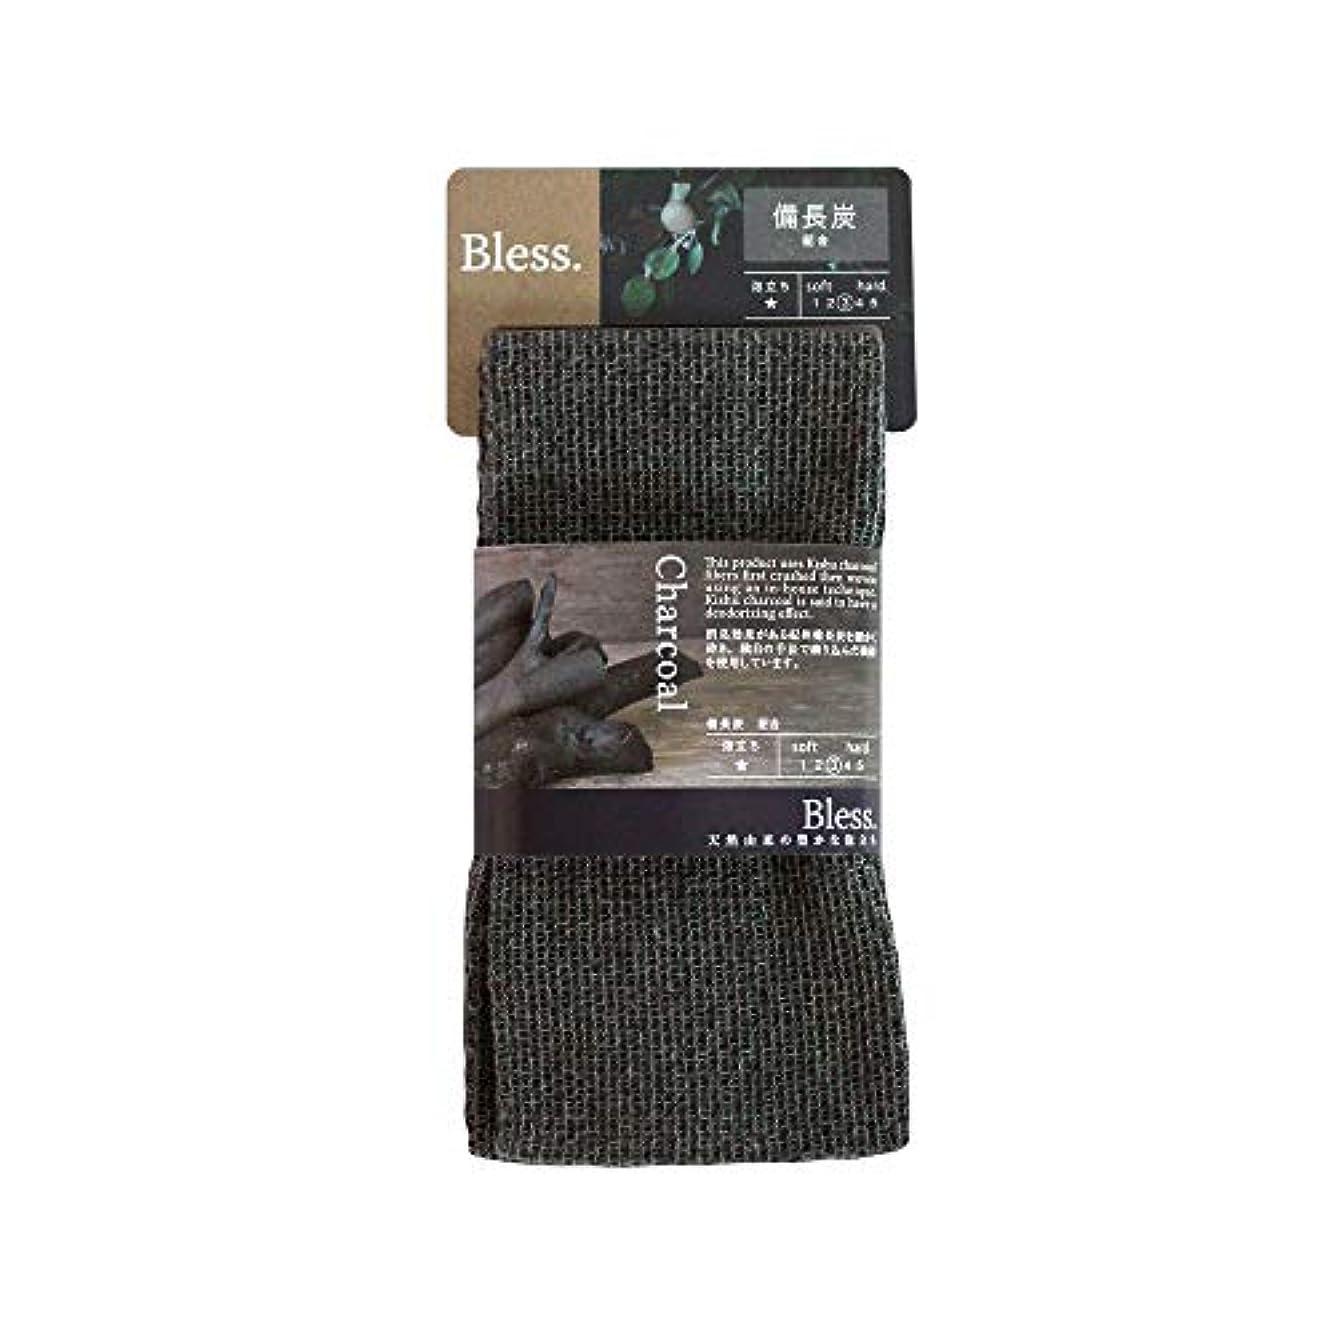 そうでなければ所得贈り物藤栄 ボディタオル ブラック 25×90cm ブレス 備長炭 BL-407